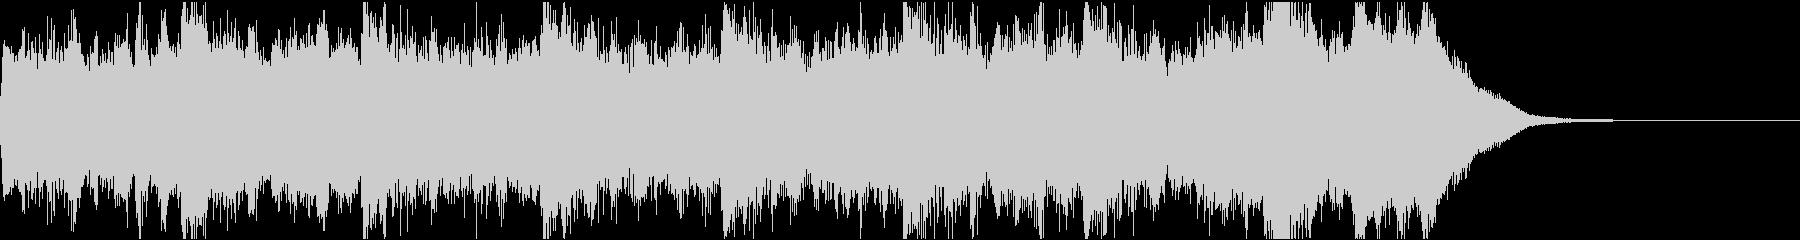 恐怖場面ベル&オーボエジングル(15秒)の未再生の波形